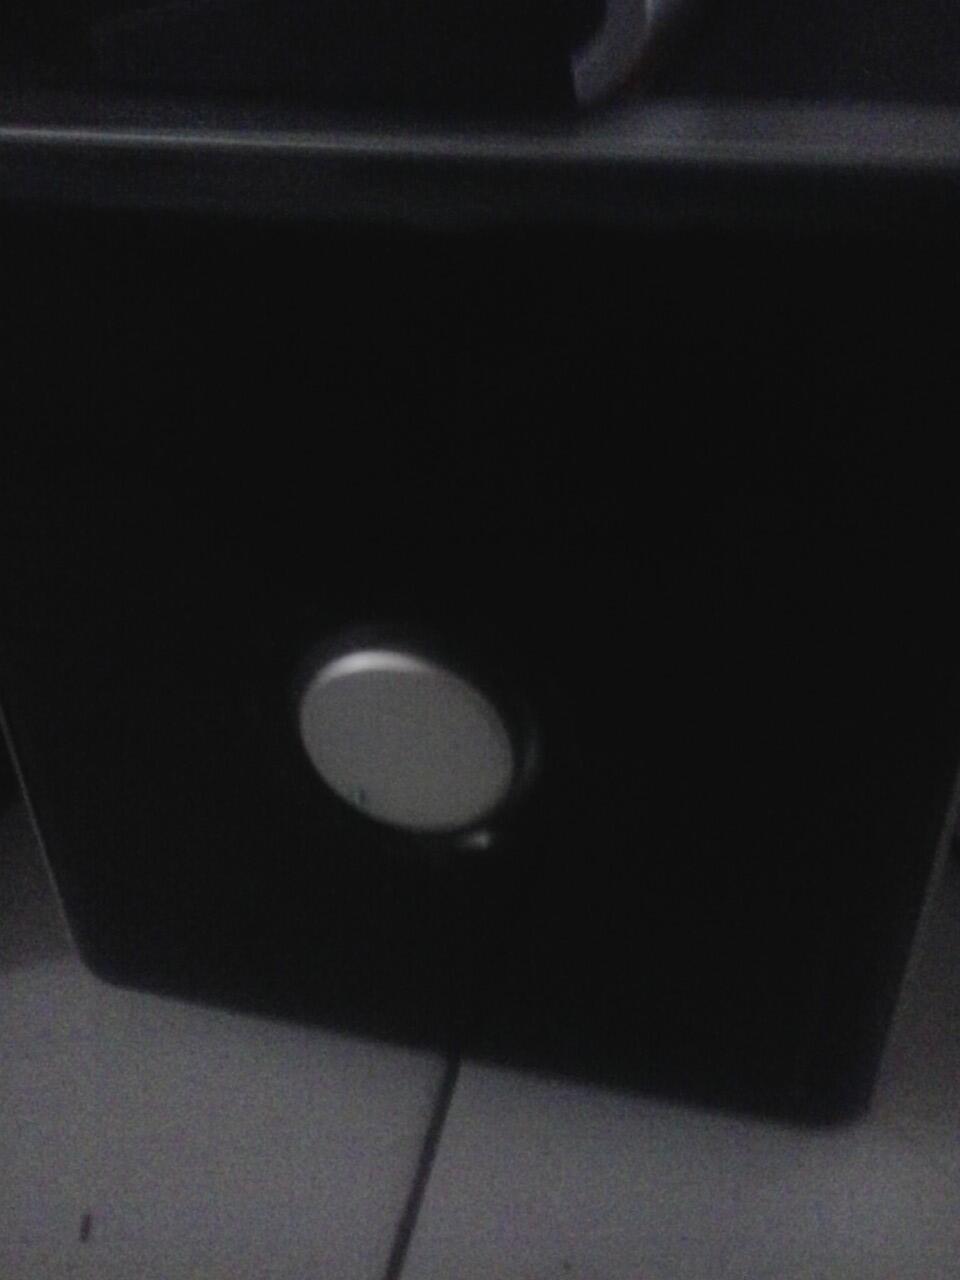 Jual Speaker SONIC Gear masih mulus